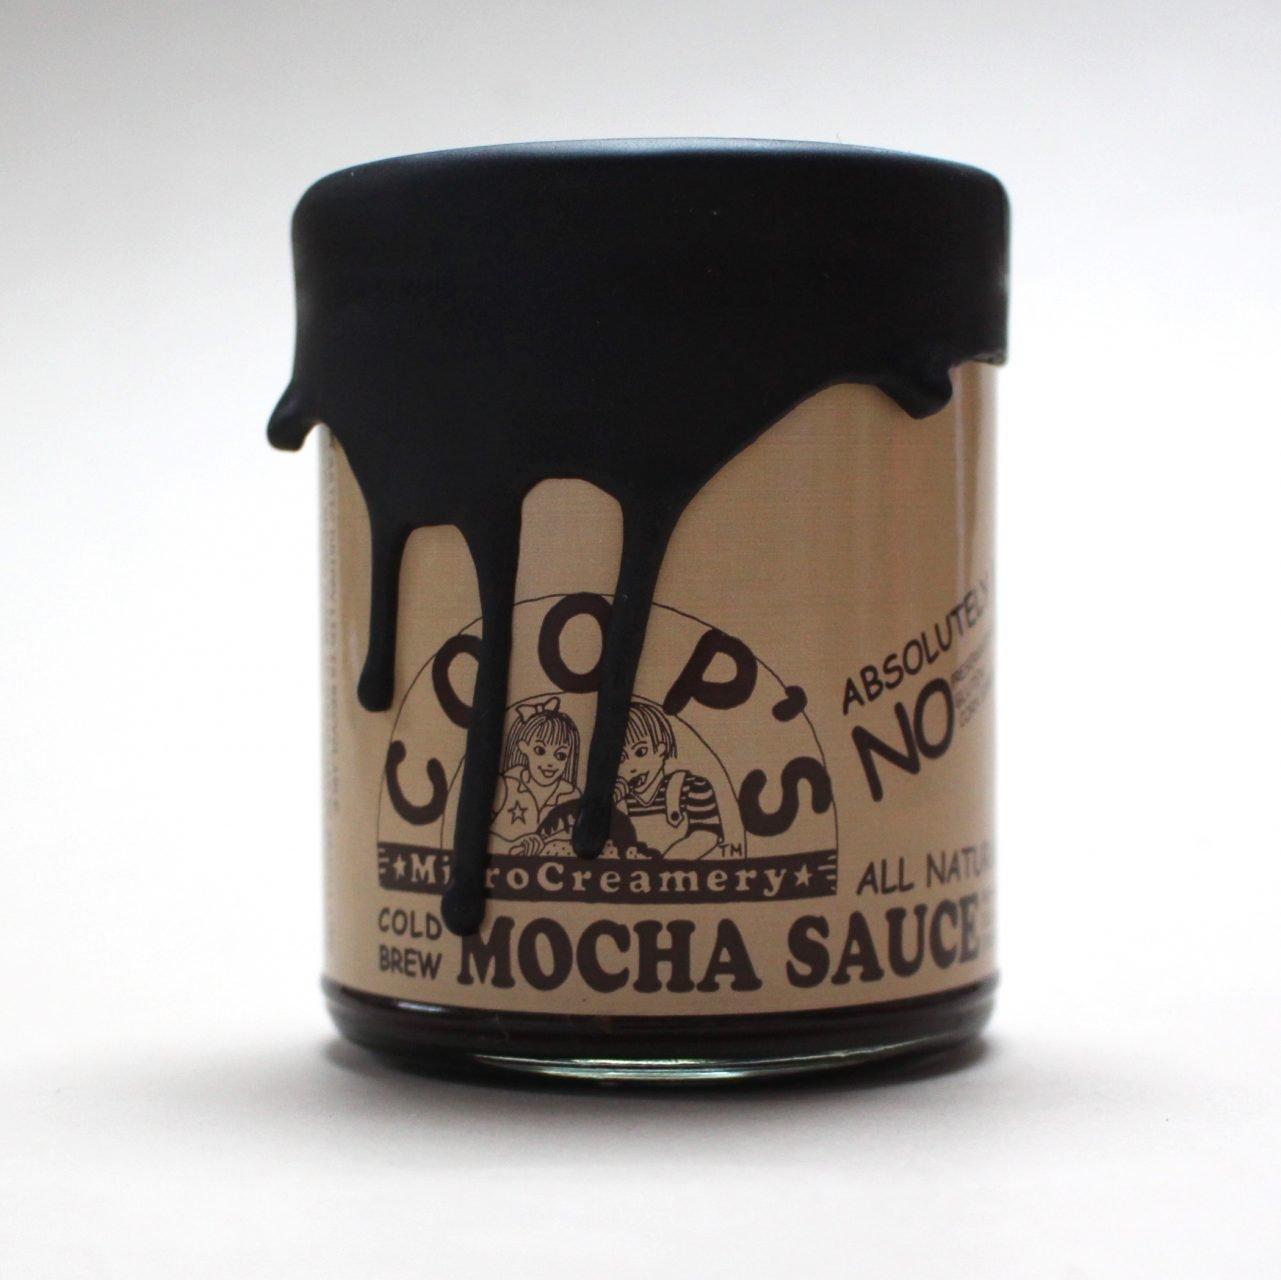 Coop's Mocha Sauce